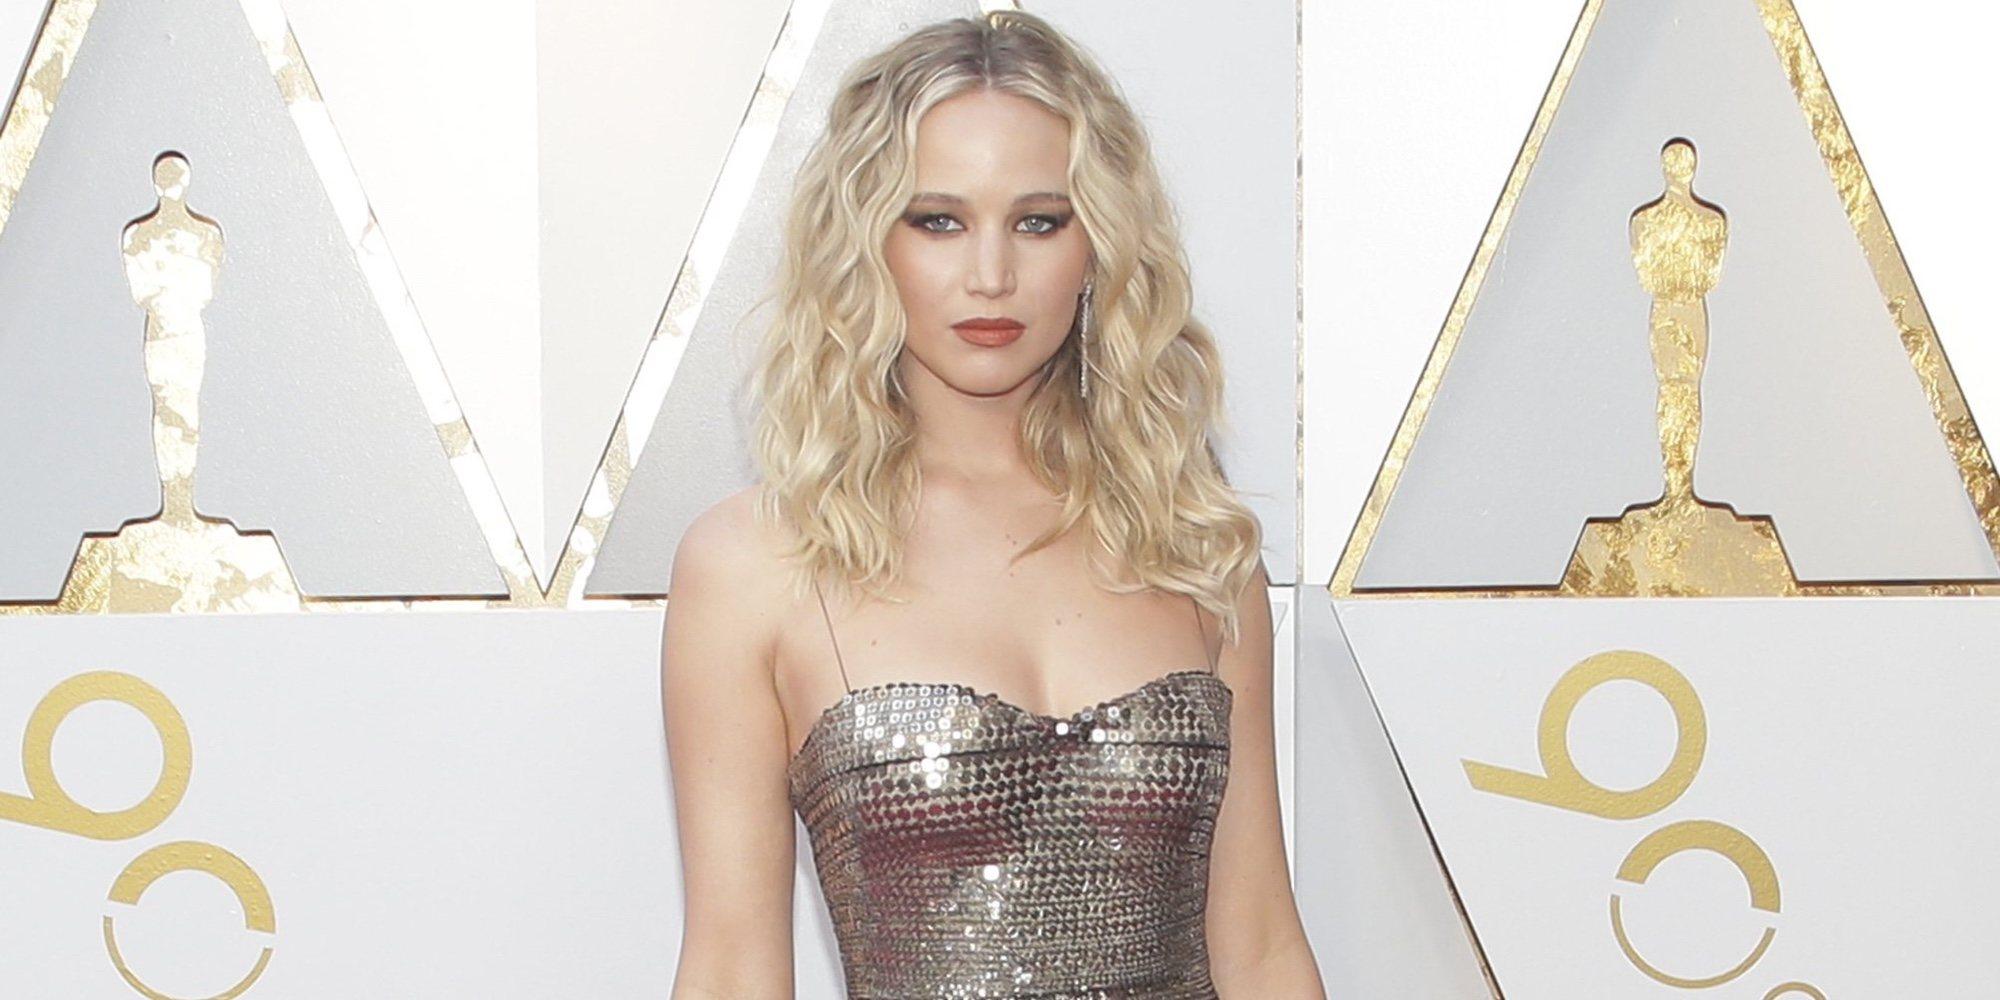 Condenado a prisión el hacker que filtró las fotos de Jennifer Lawrence desnuda